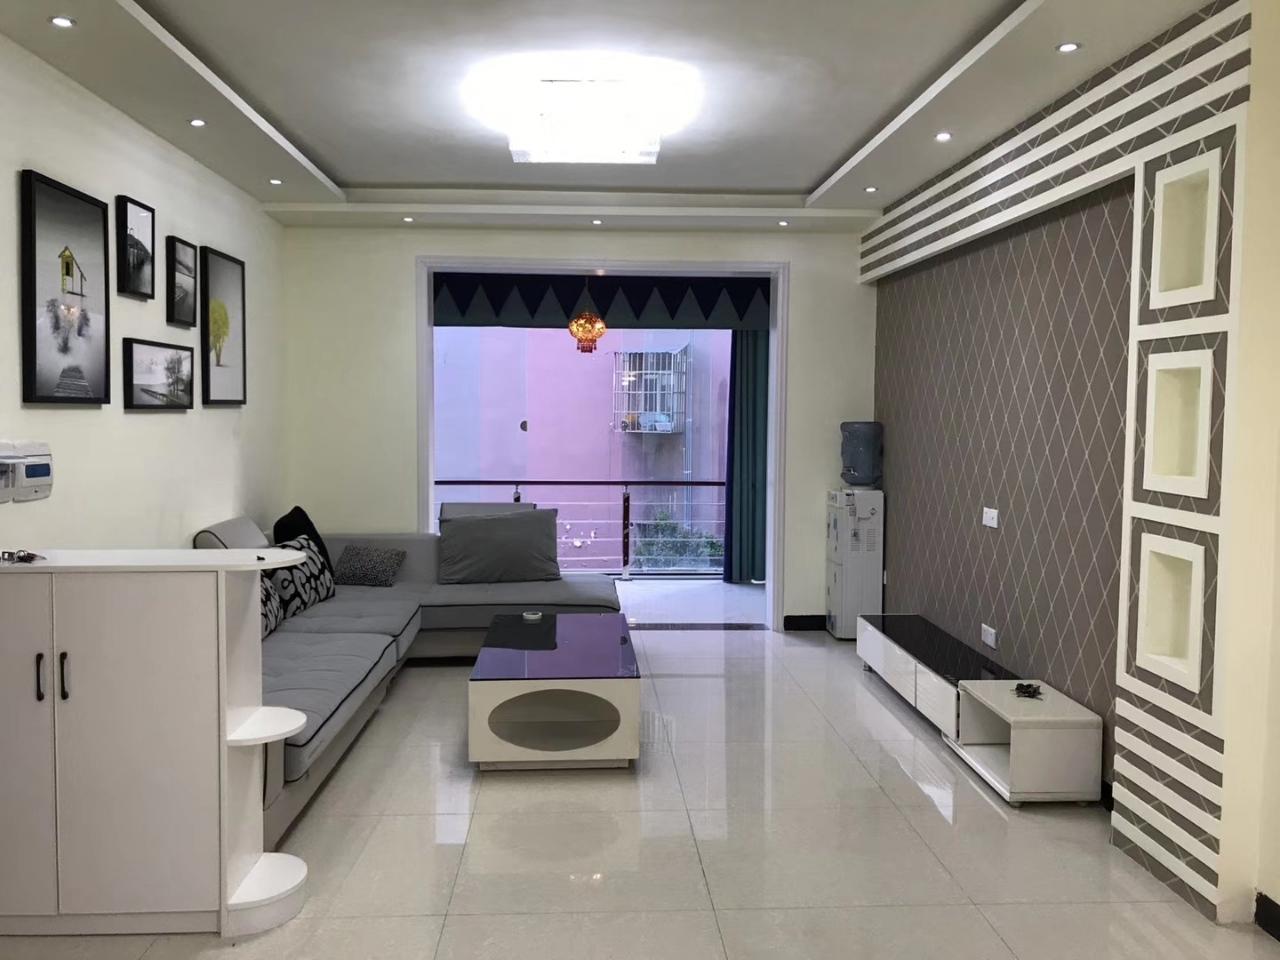 蓬城印象4室 2厅 2卫66.8万元